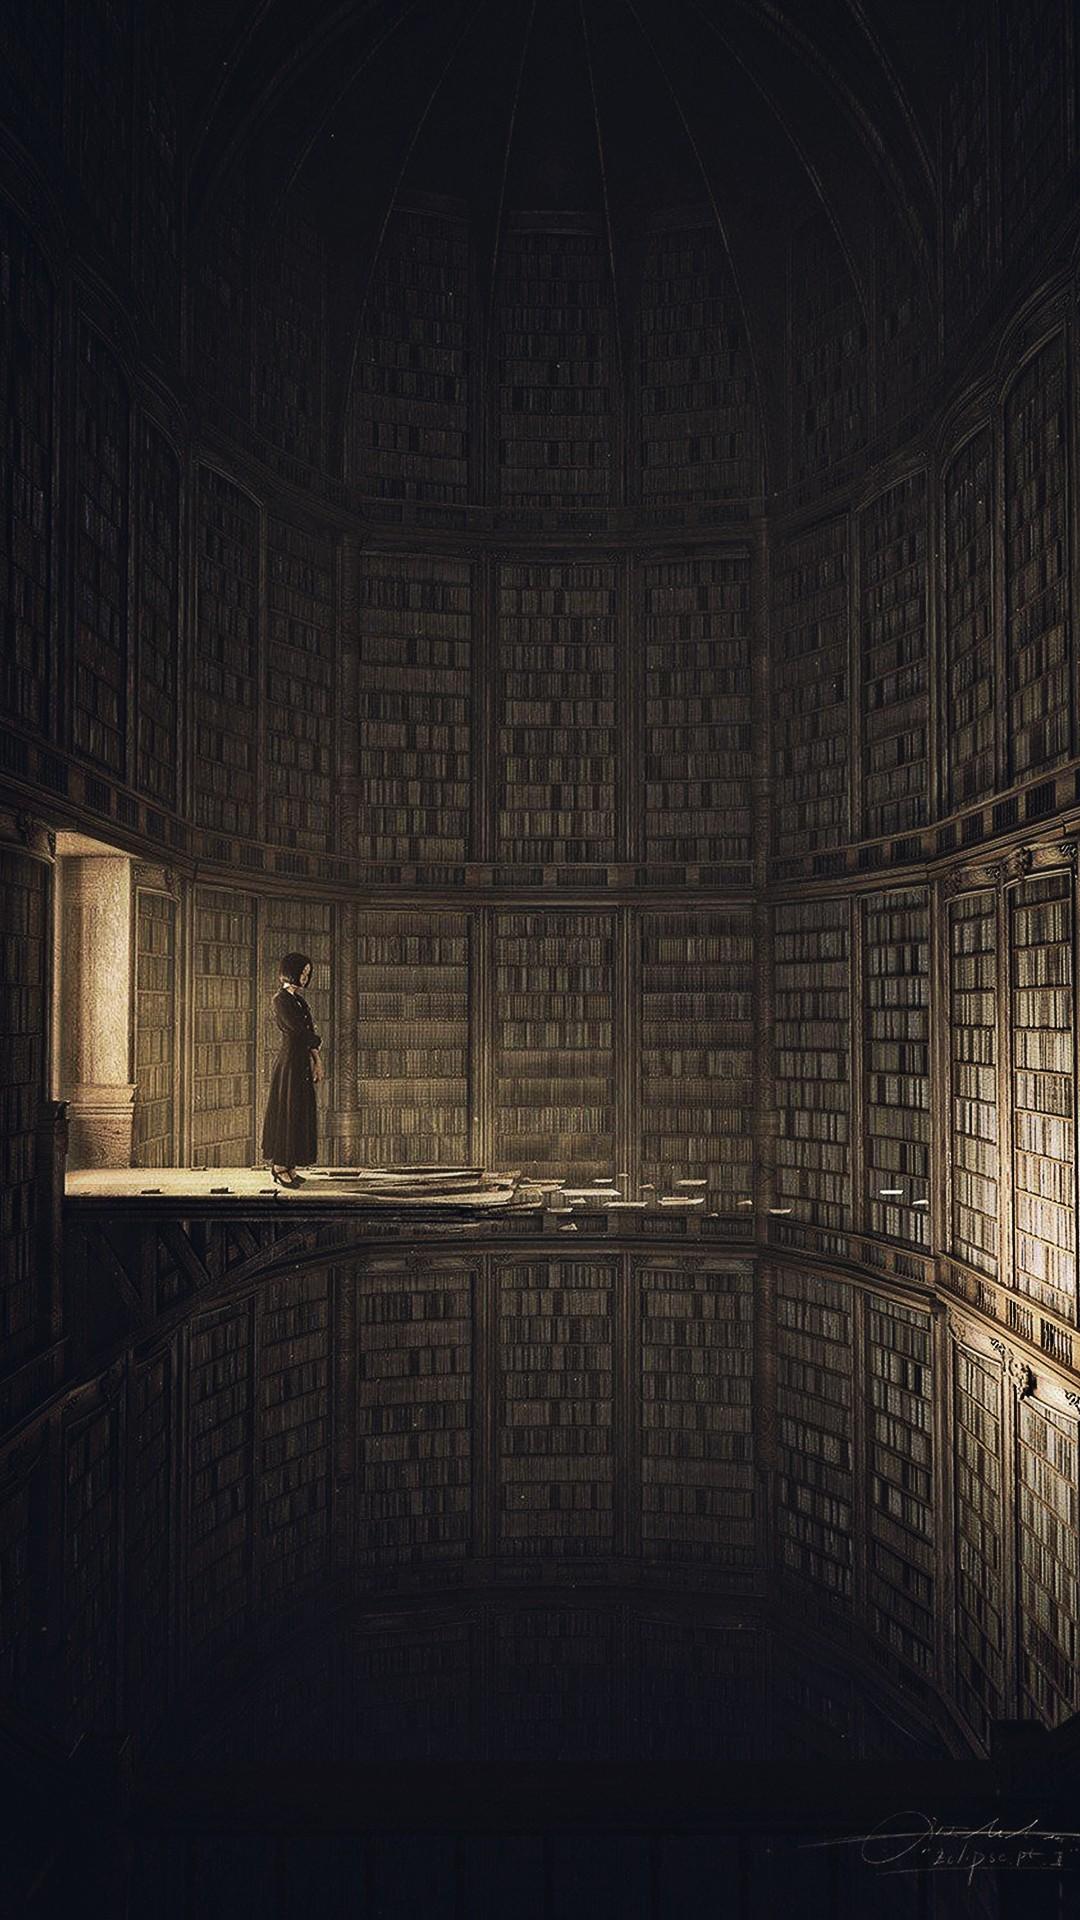 Wallpaper : 1080x1920 px, artwork, books, fantasy art ...